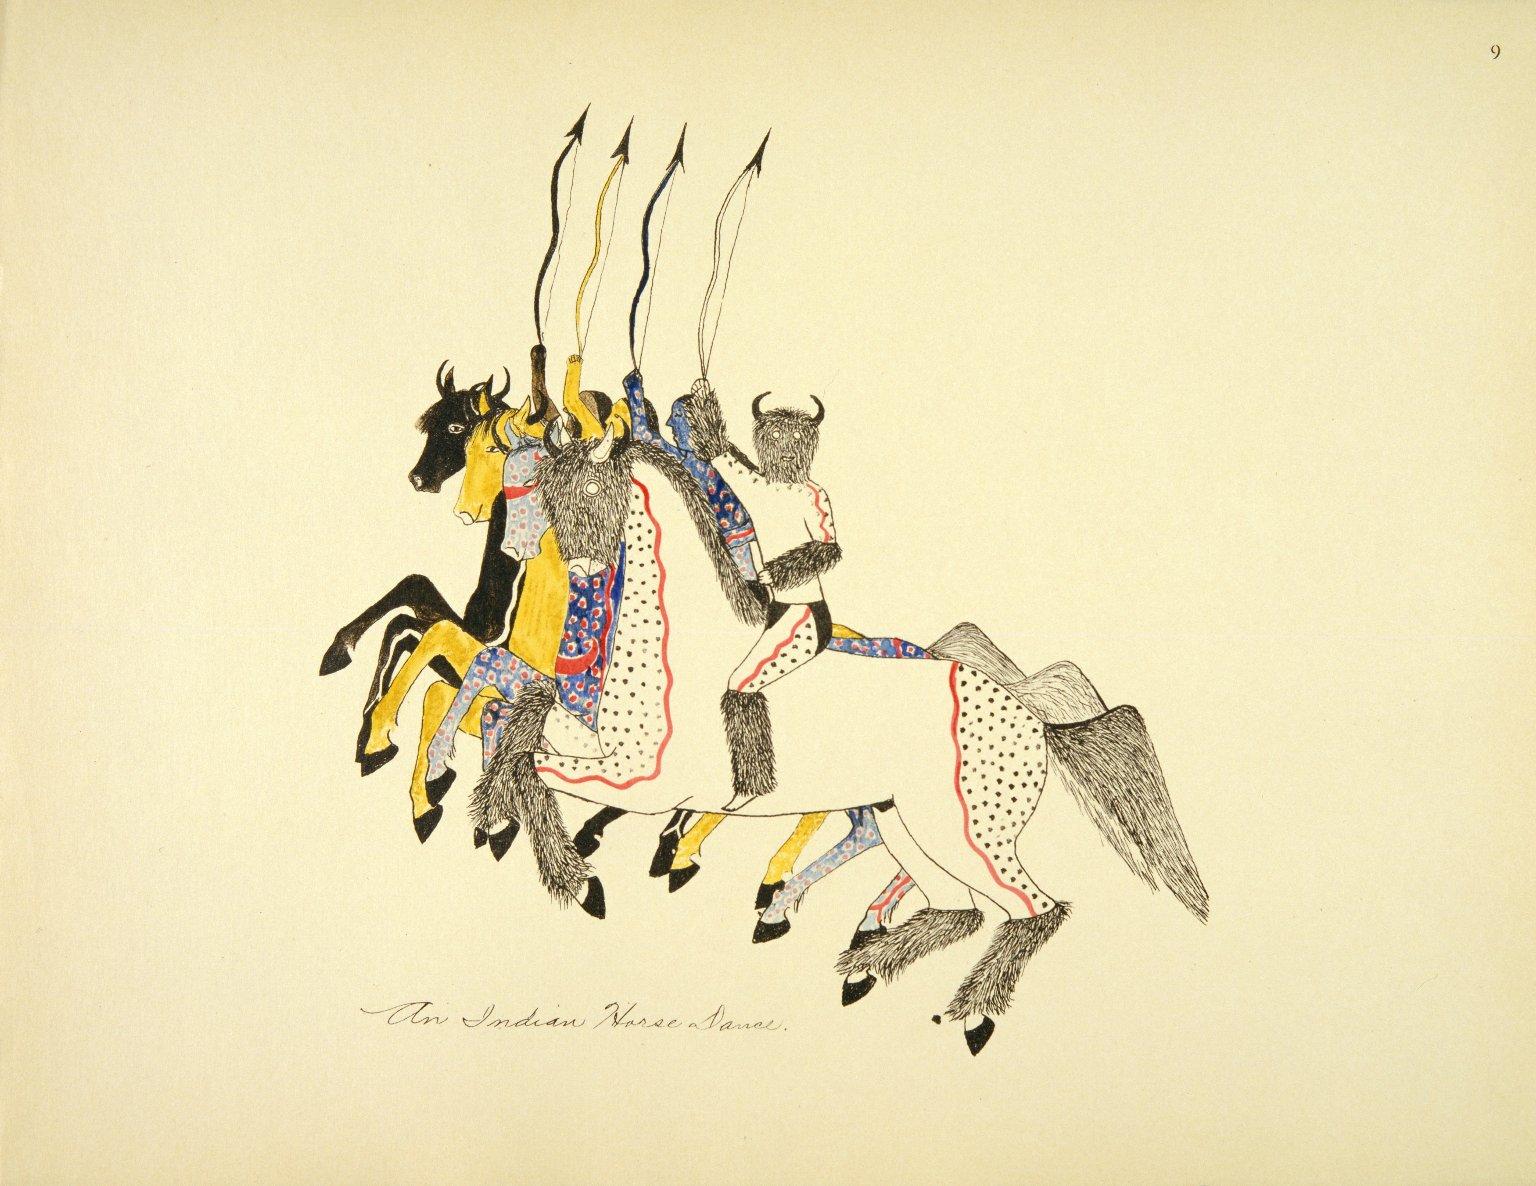 An Indian Horse Dance